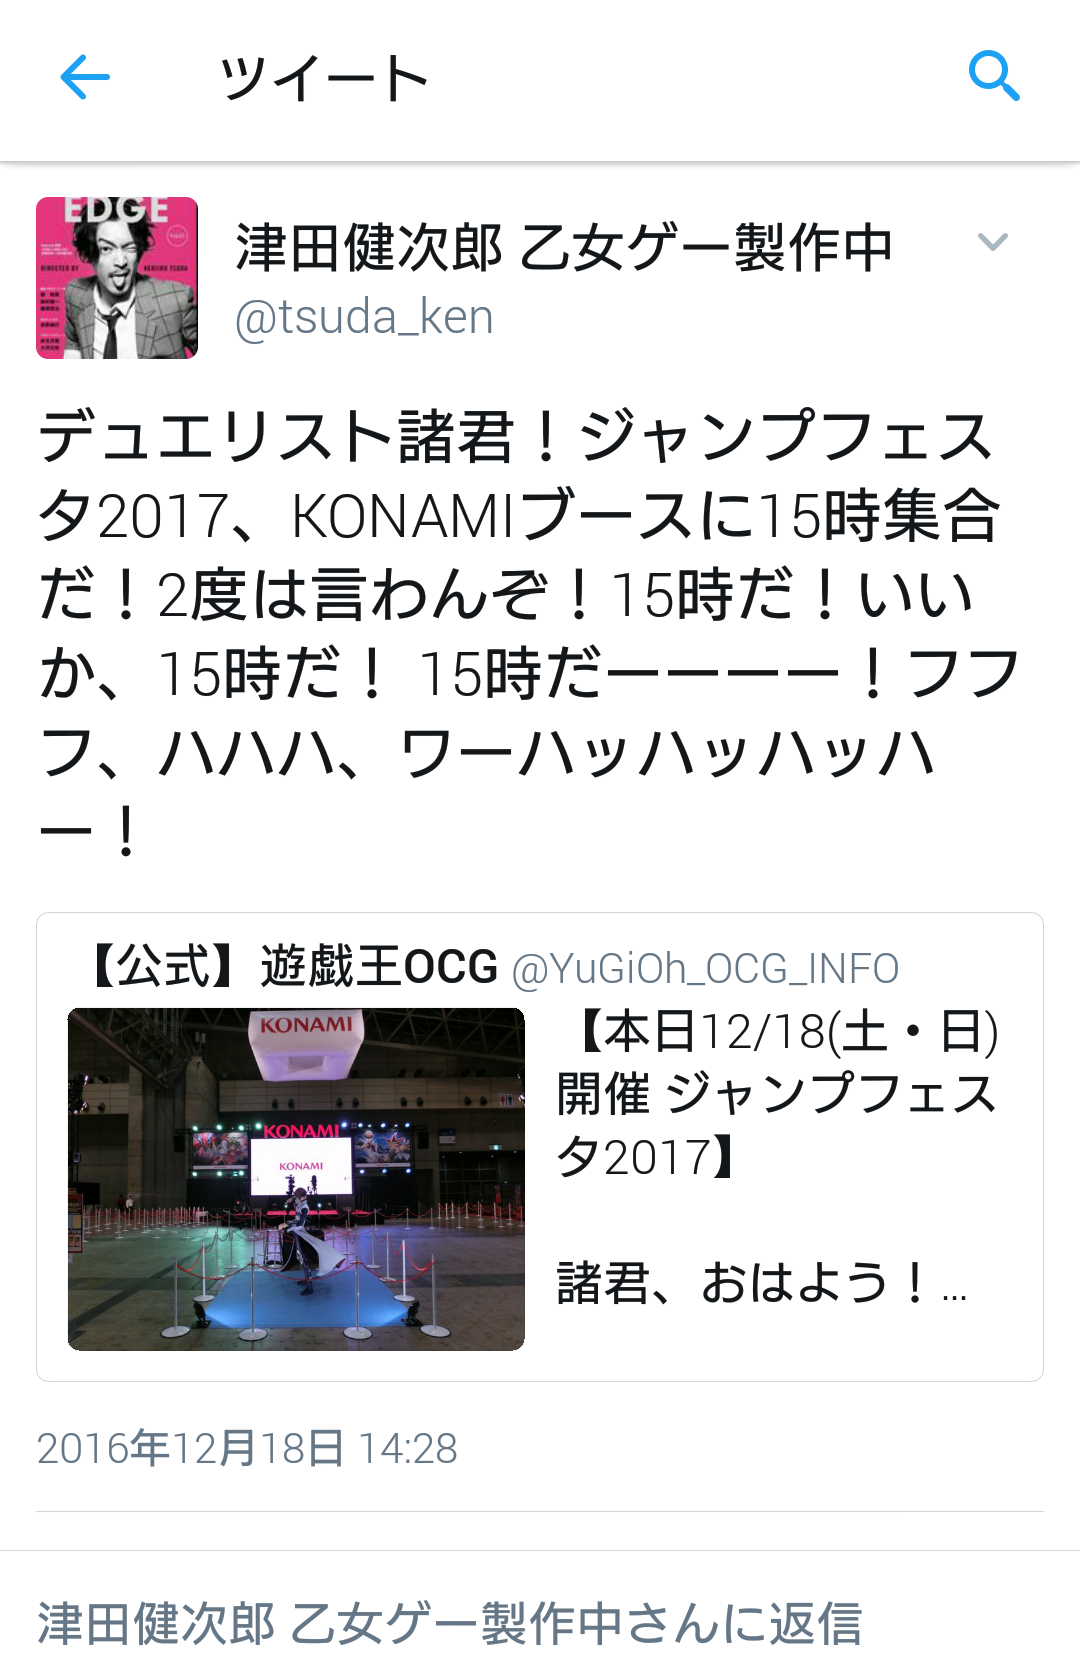 アニメ「遊戯王」シリーズを語ろう!